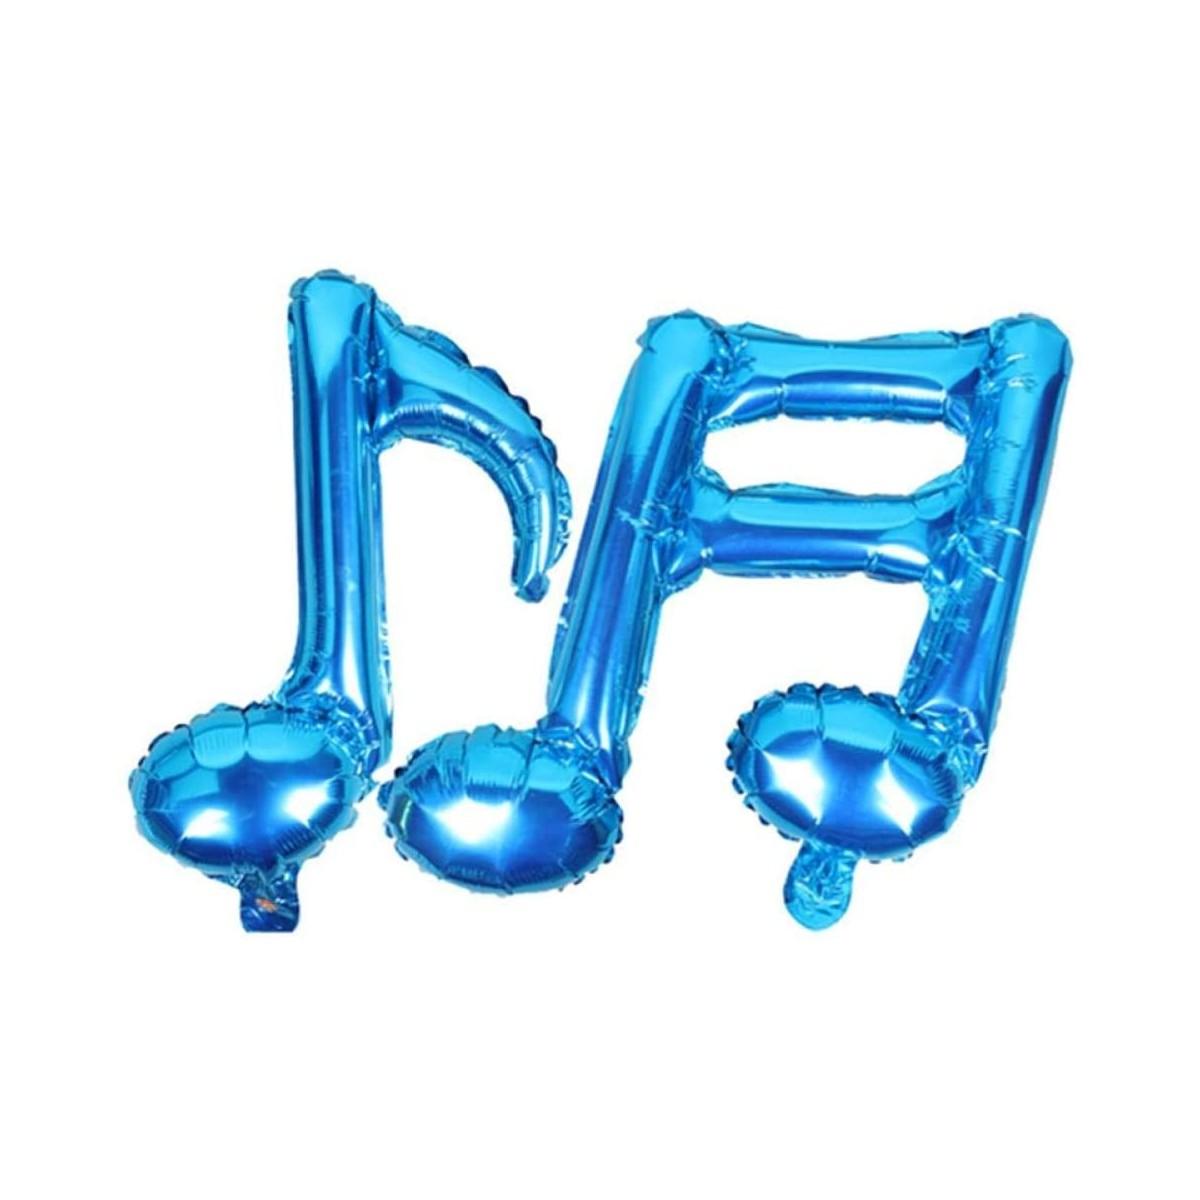 Set 2 palloncini blu note musicali, in lamina, da 45 cm, per feste